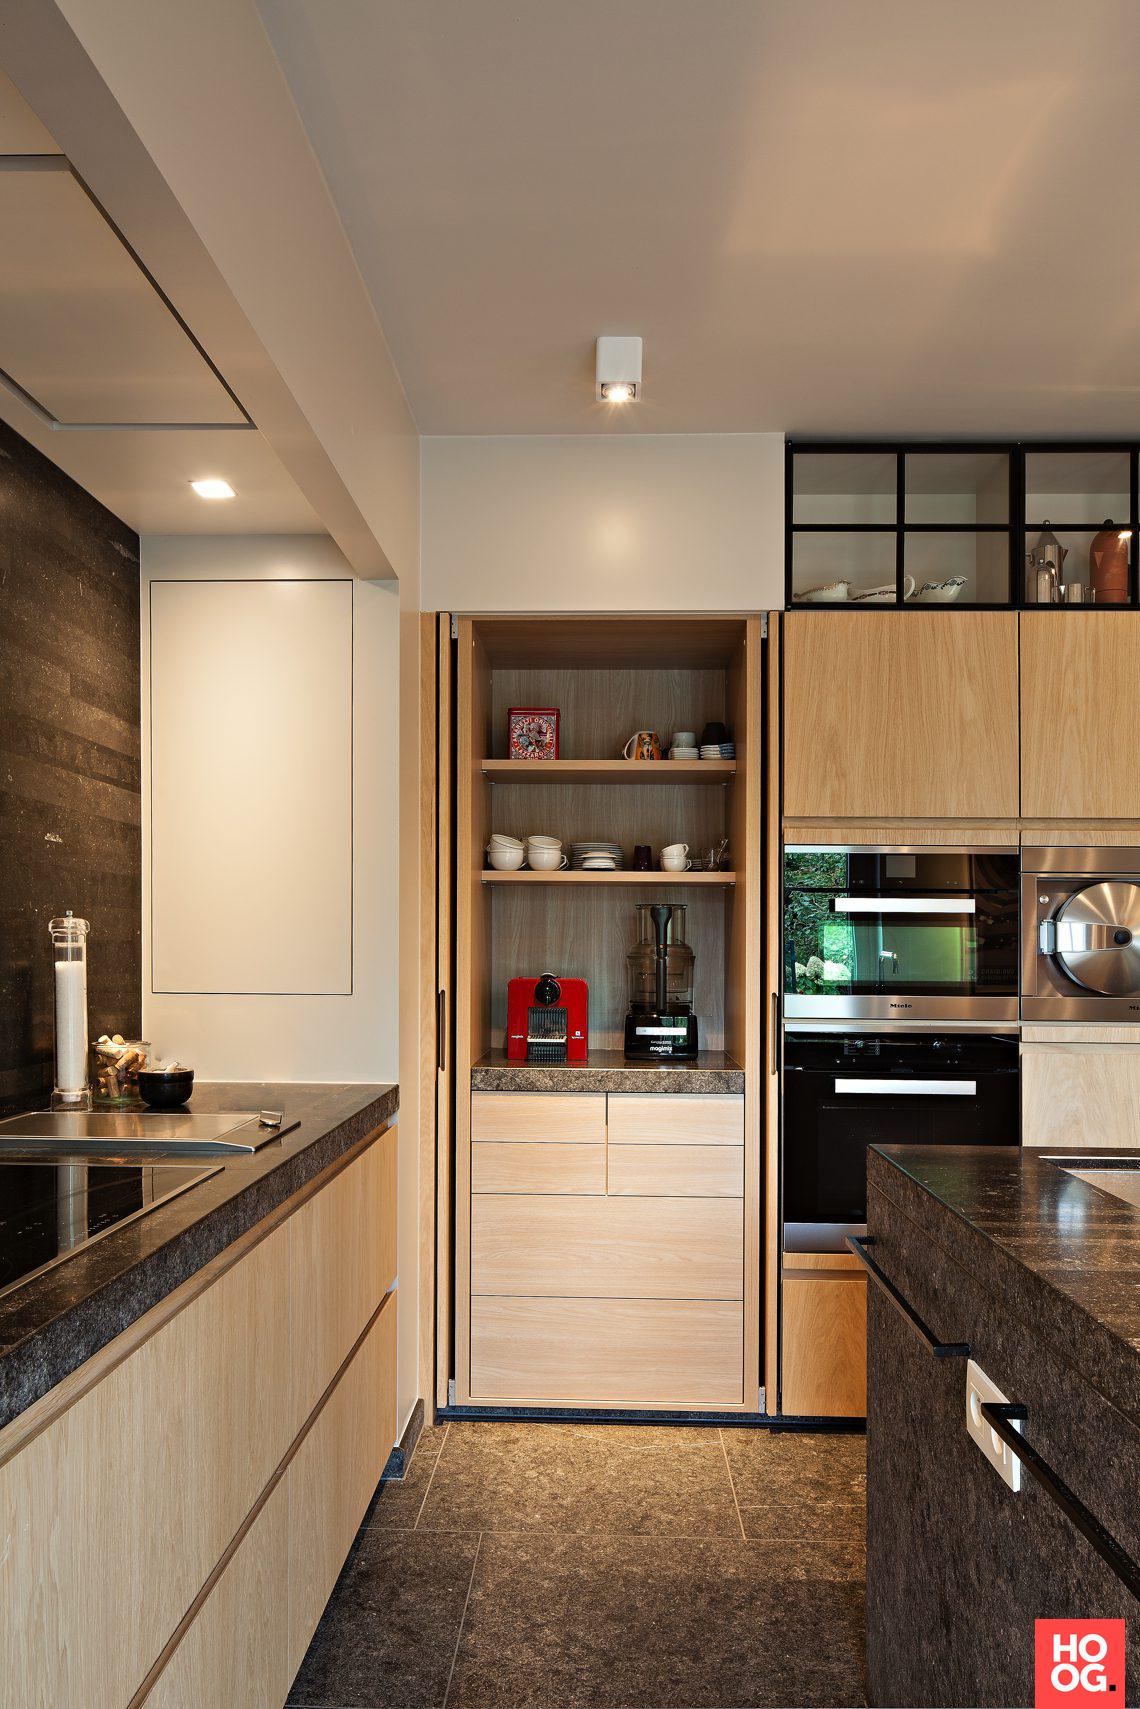 B+ Villas Renovation Interiors - Interieur renovatie van een ...